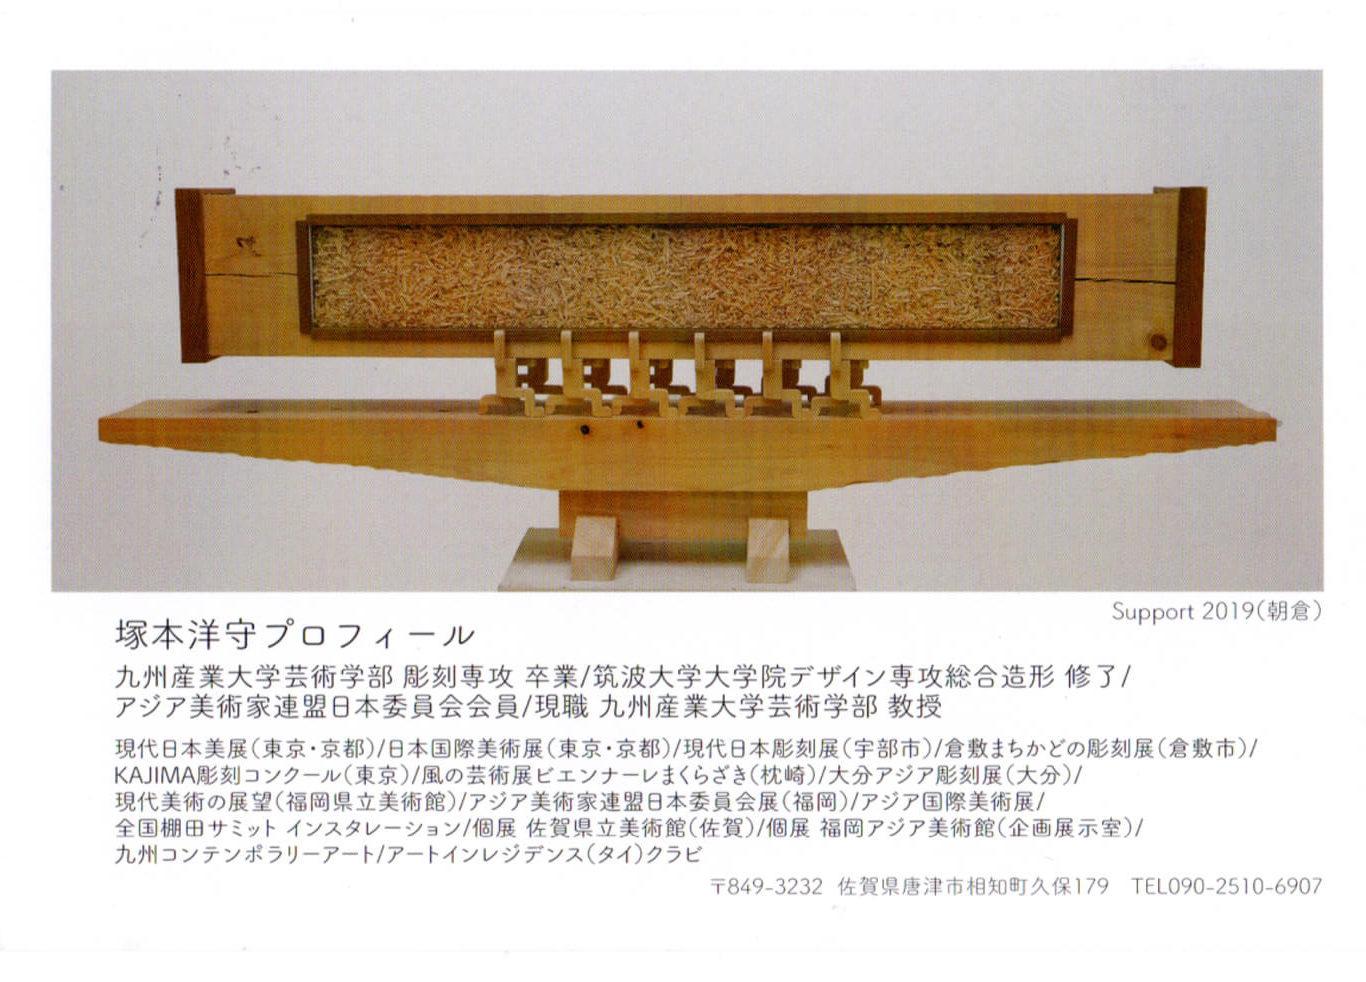 toile-201909-塚本洋守-展覧会